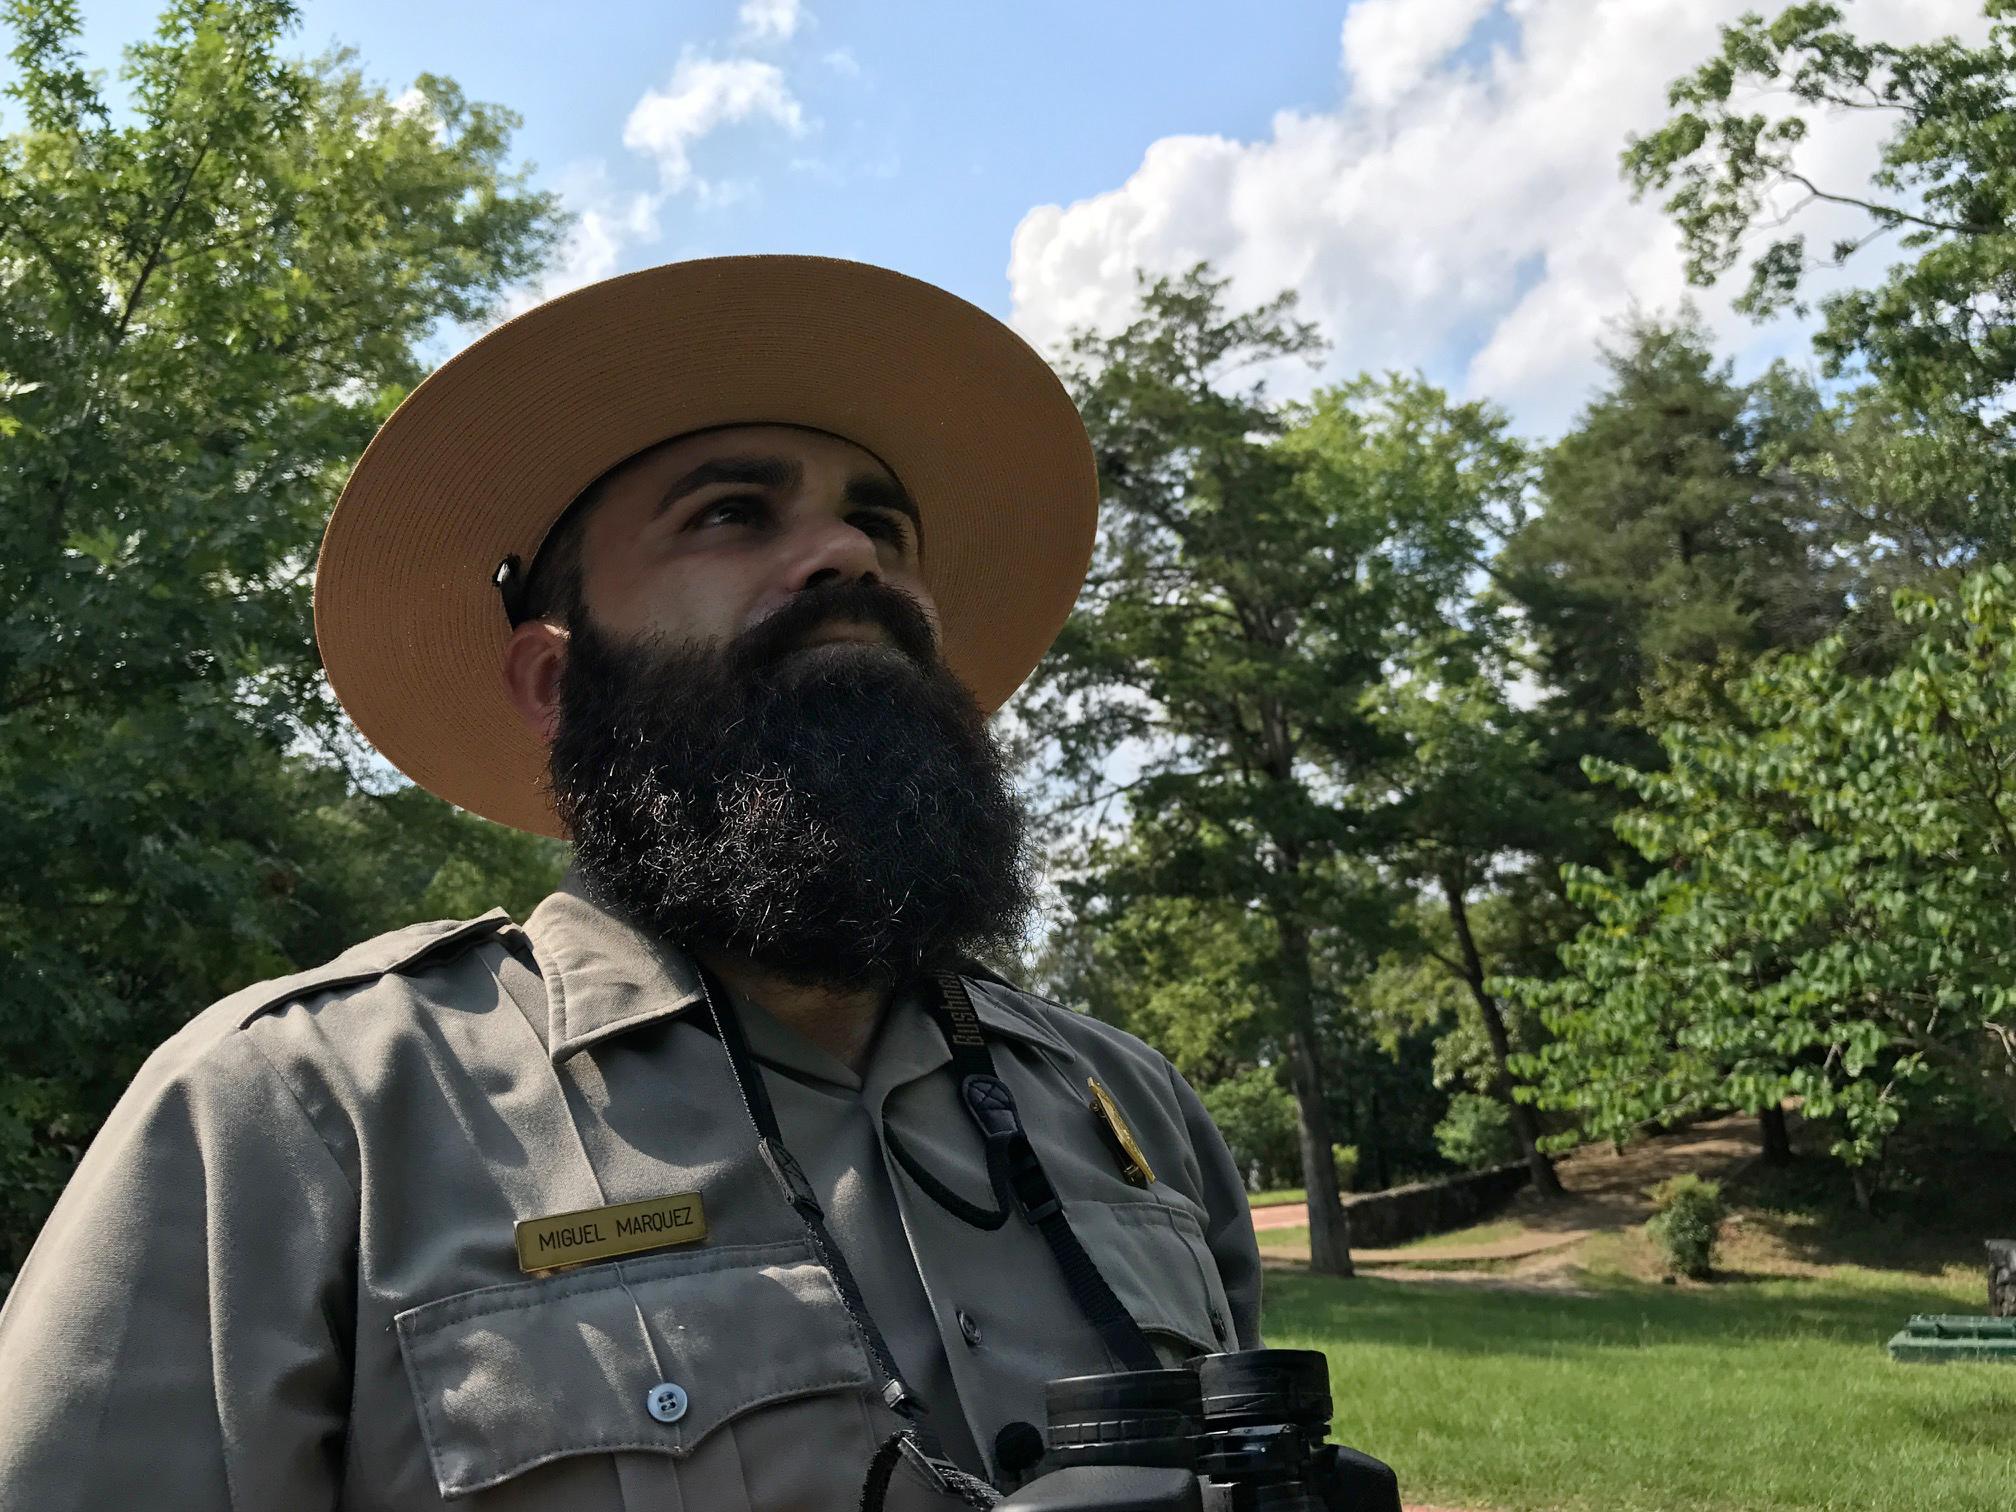 Image: Park ranger Miguel Marquez